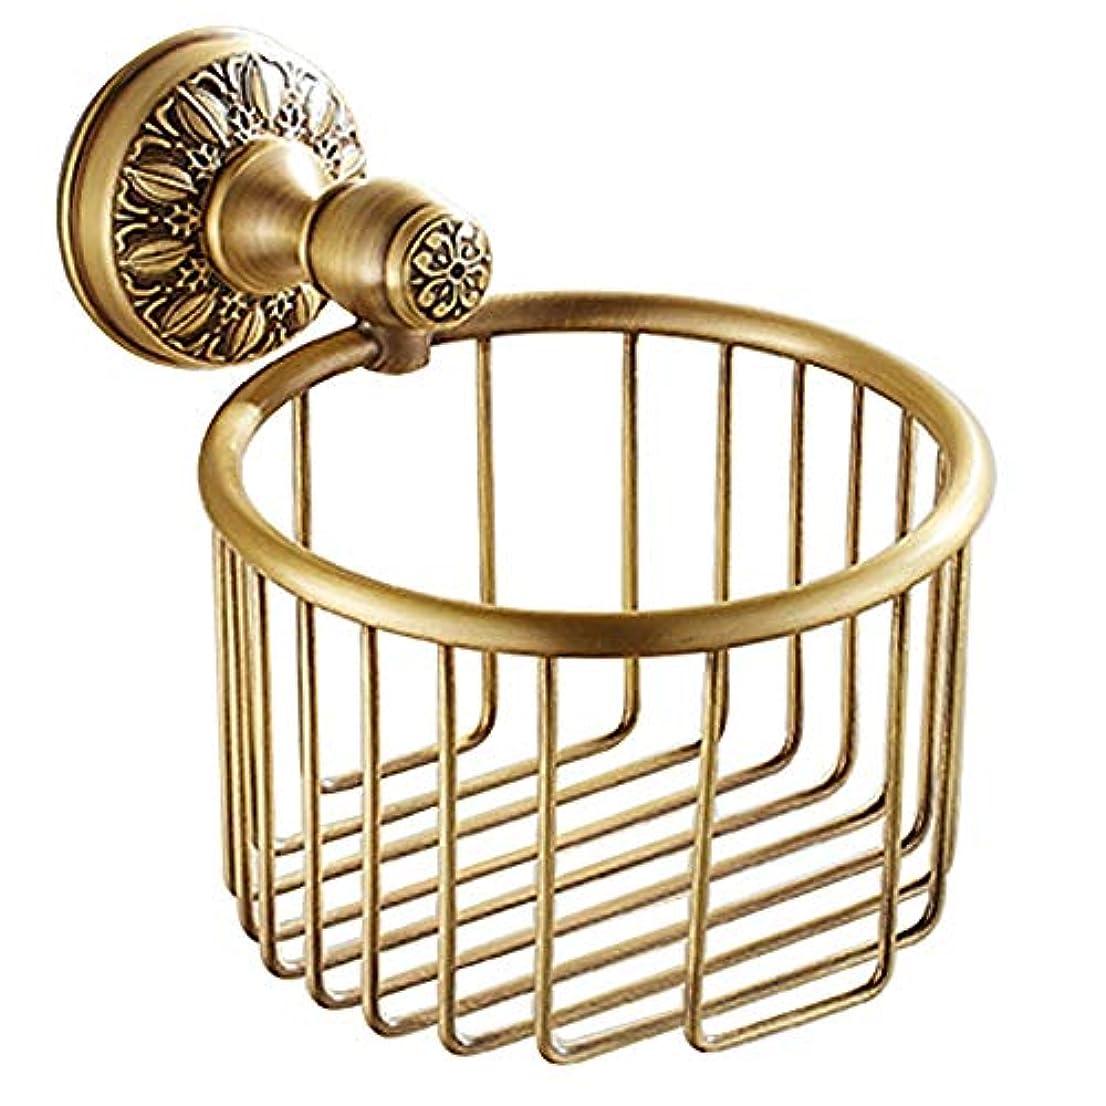 ワット前投薬ご飯ZZLX 紙タオルホルダー、ヨーロッパスタイルのフル銅模倣アンティークバスルームトイレットペーパータオルホルダー ロングハンドル風呂ブラシ